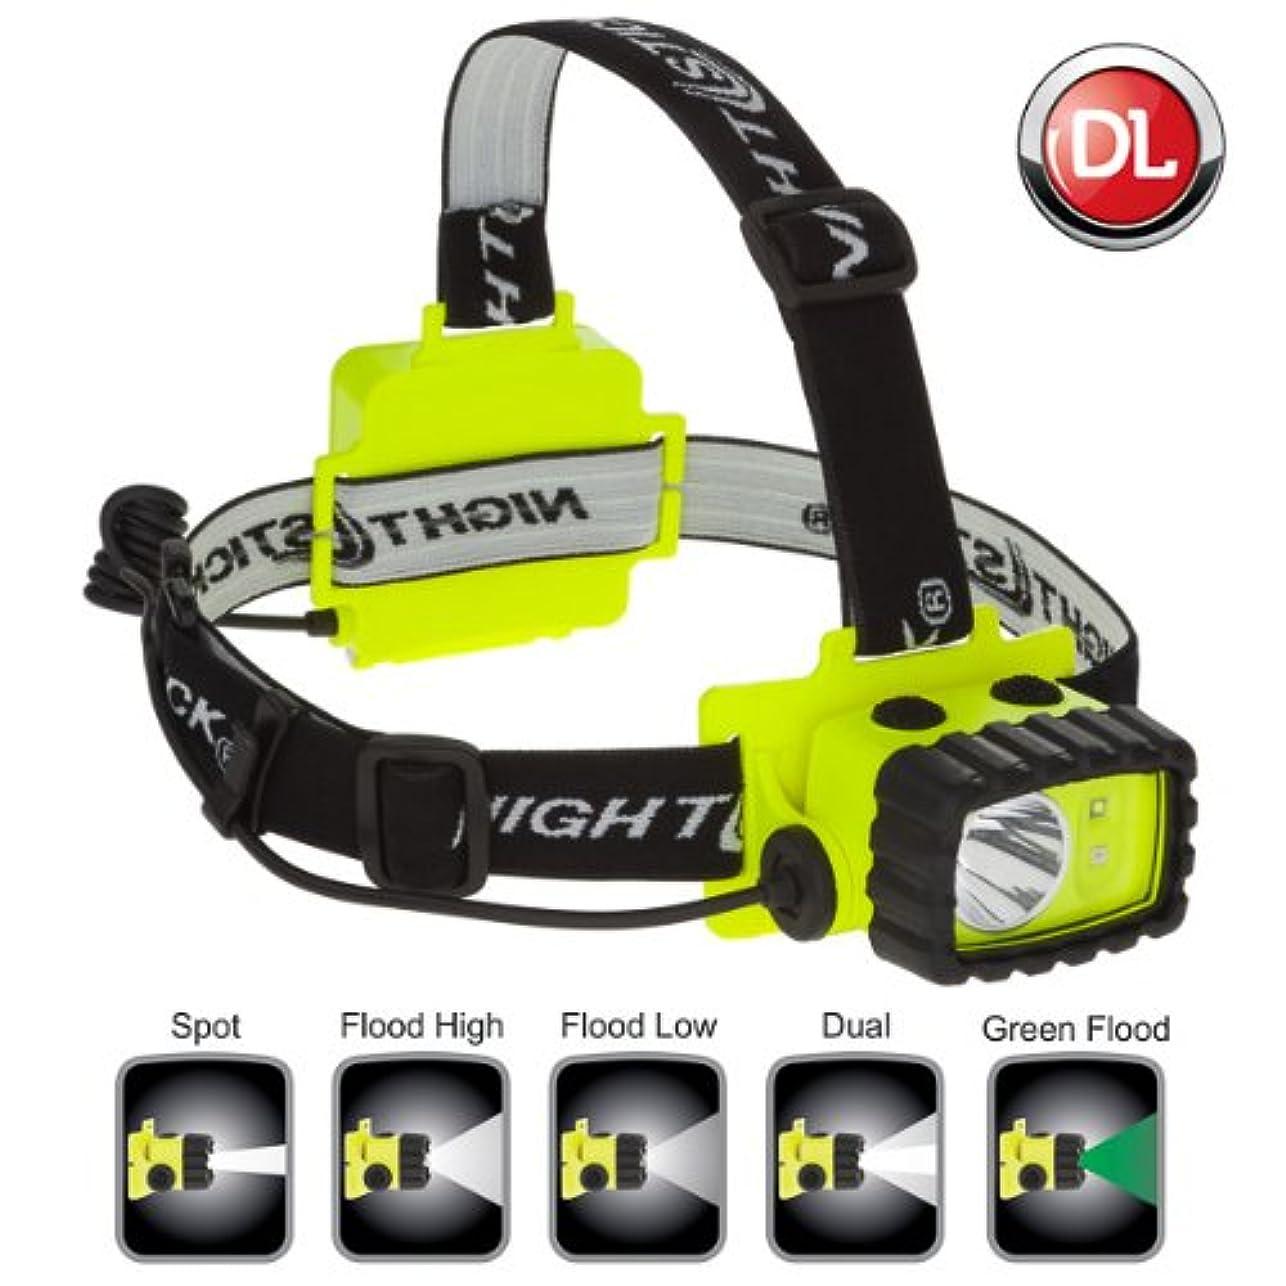 朝の体操をする和らげる下防爆LEDヘッドライト BAYCO XPP5458G NIGHTSTICK Intrinsically Safe Multi-Function Headlamp XPP-5458G 【中心部:白色LED×1灯 サイド部:白色LED+緑色LED:各1灯 / 明るさ130ルーメン / 点灯時間:14時間 / 単3アルカリ電池×3本使用】 XPP 5458G